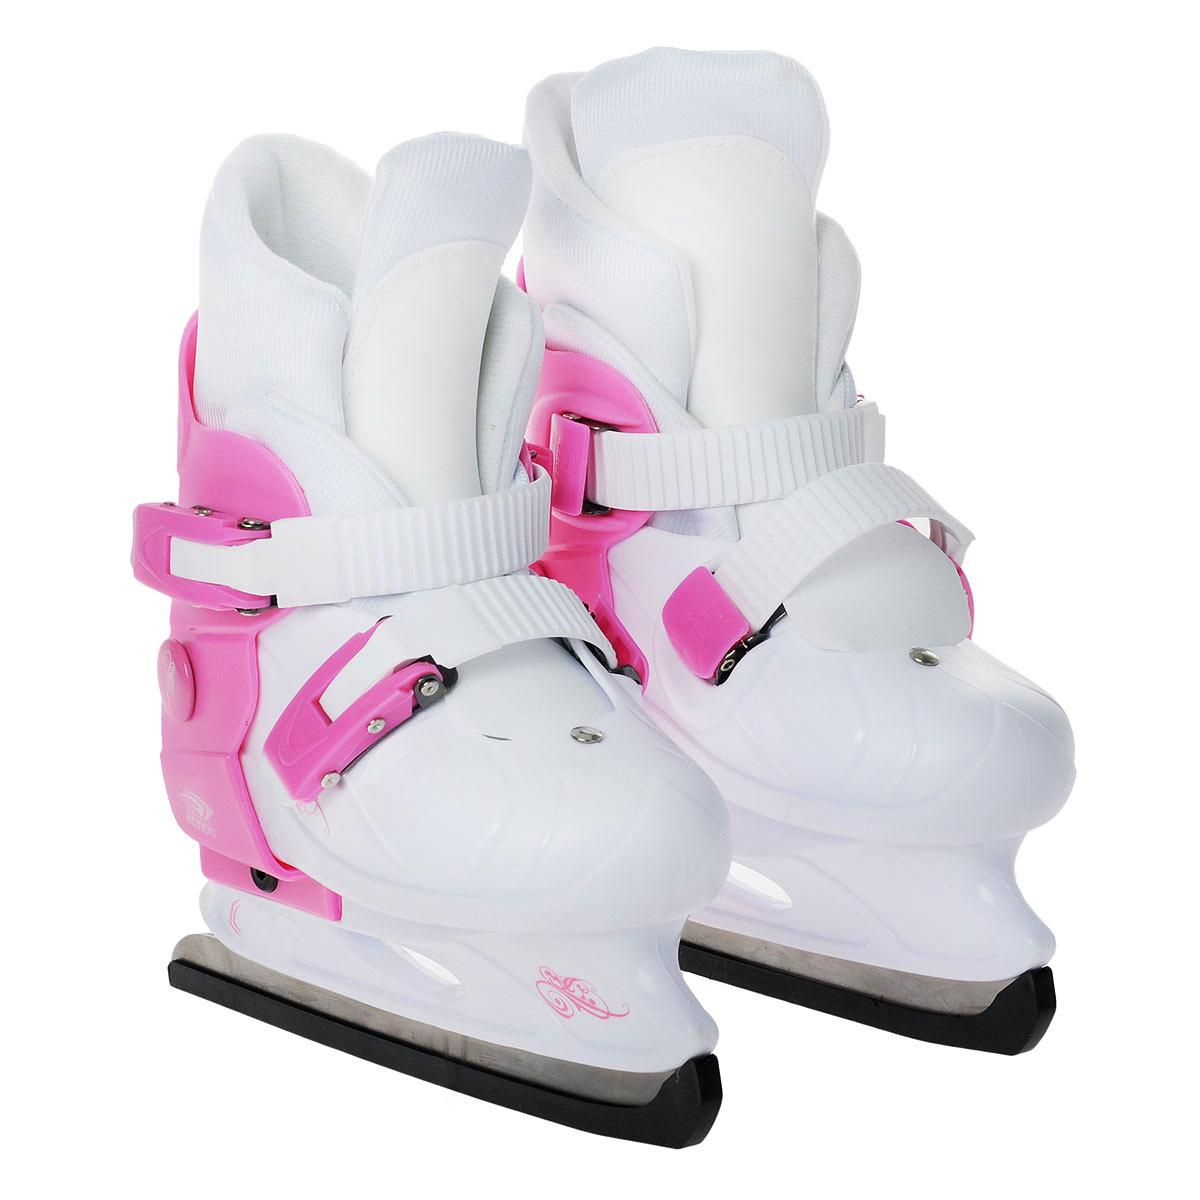 Коньки ледовые детские Action, раздвижные, цвет: розовый, белый. PW-219. Размер 33/36PW-219-1_33/36Коньки торговой марки Action предназначены для любительского катания на искусственном и естественном льду, произведены из современных высококачественных материалов. Удобно, комфортно и просто изменить размер коньков. Удобный и надежный механизм застегивания, включающий две клипсы с фиксаторами, а так же специальная манжета, облегчающая ступню, делают катание на этих коньках безопасным и комфортным. Лезвие изготовлено из нержавеющей стали.